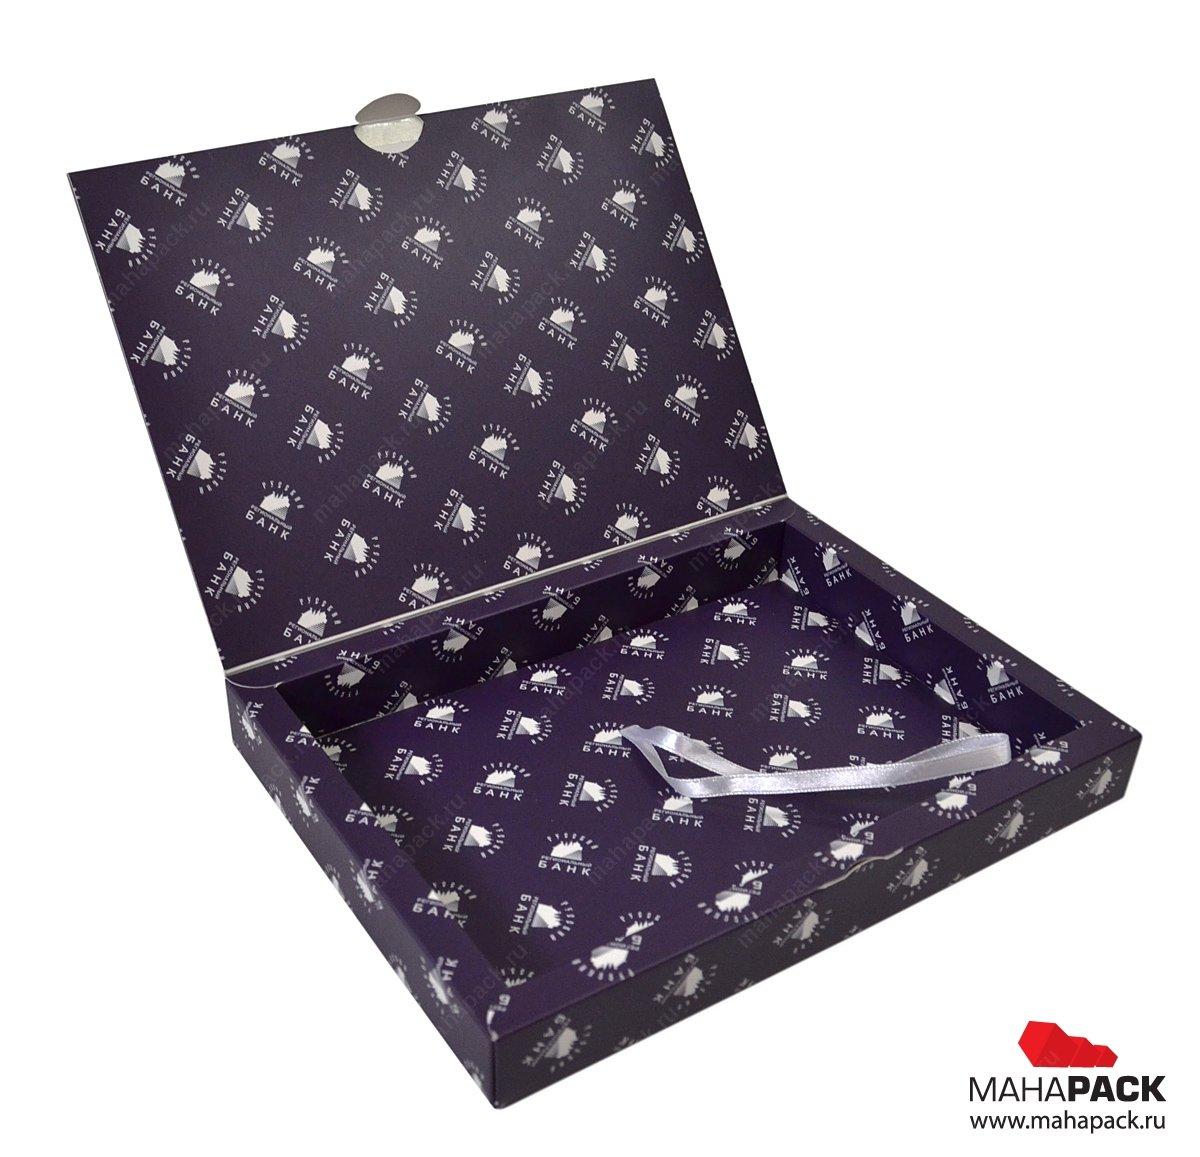 Подарочная коробка: лого на упаковке повторяется и складывается в красивый узор